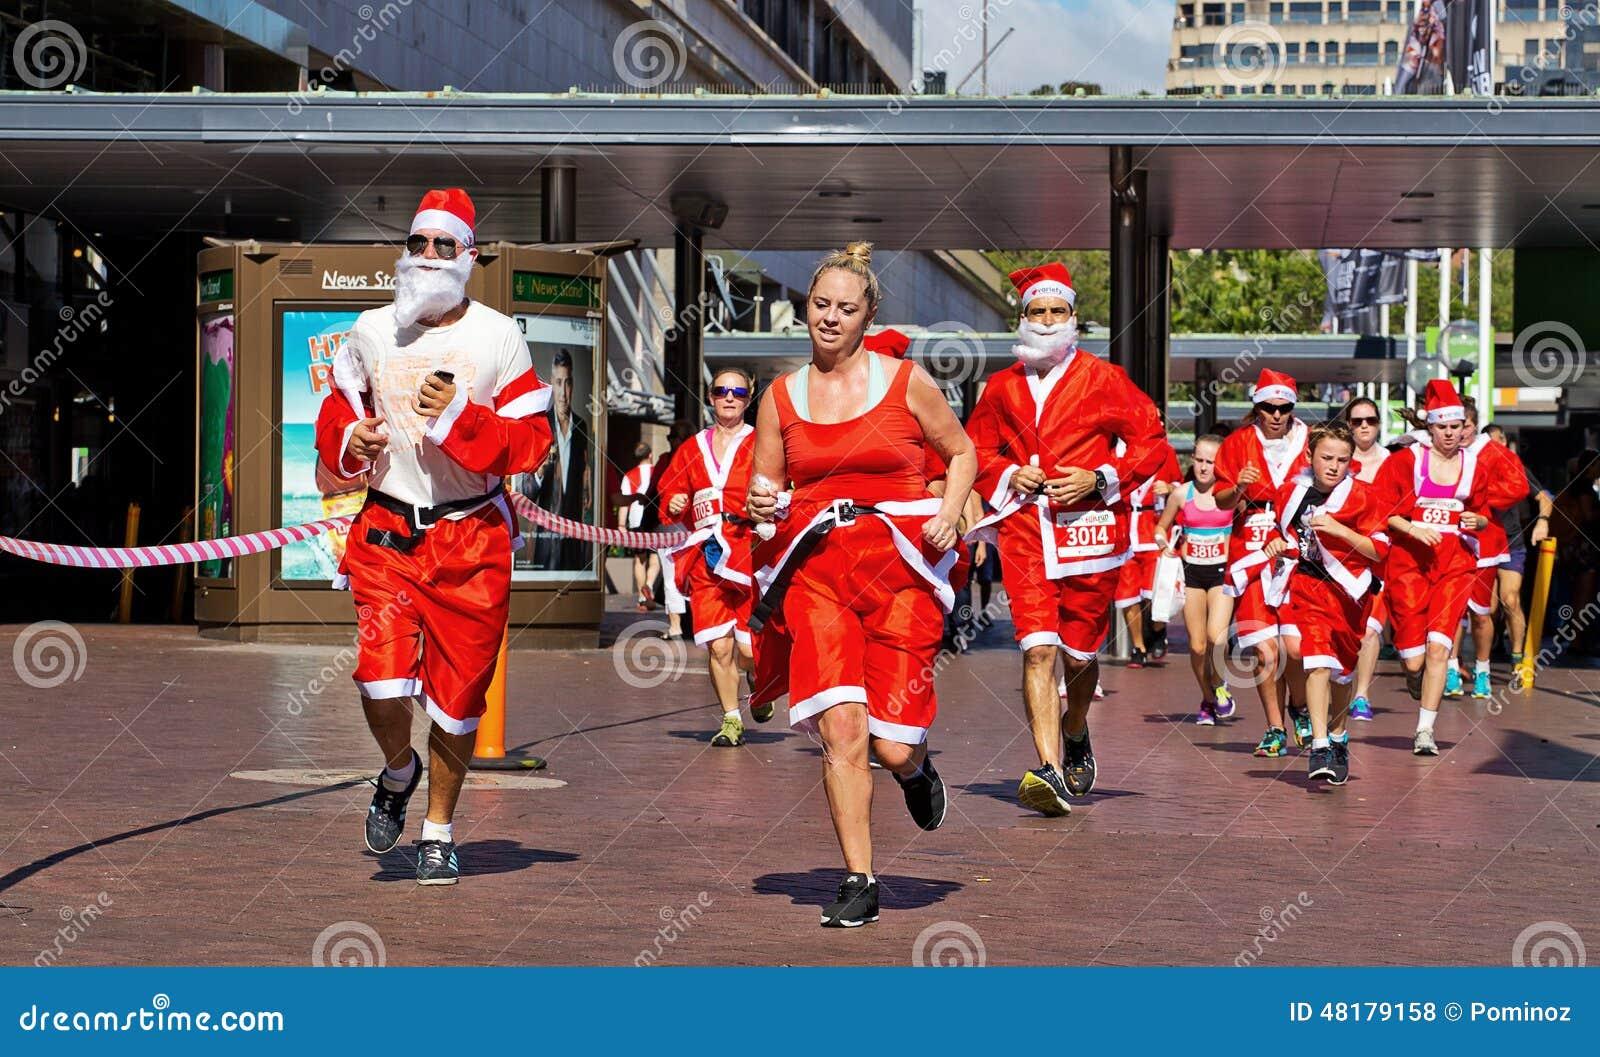 Run as date in Australia